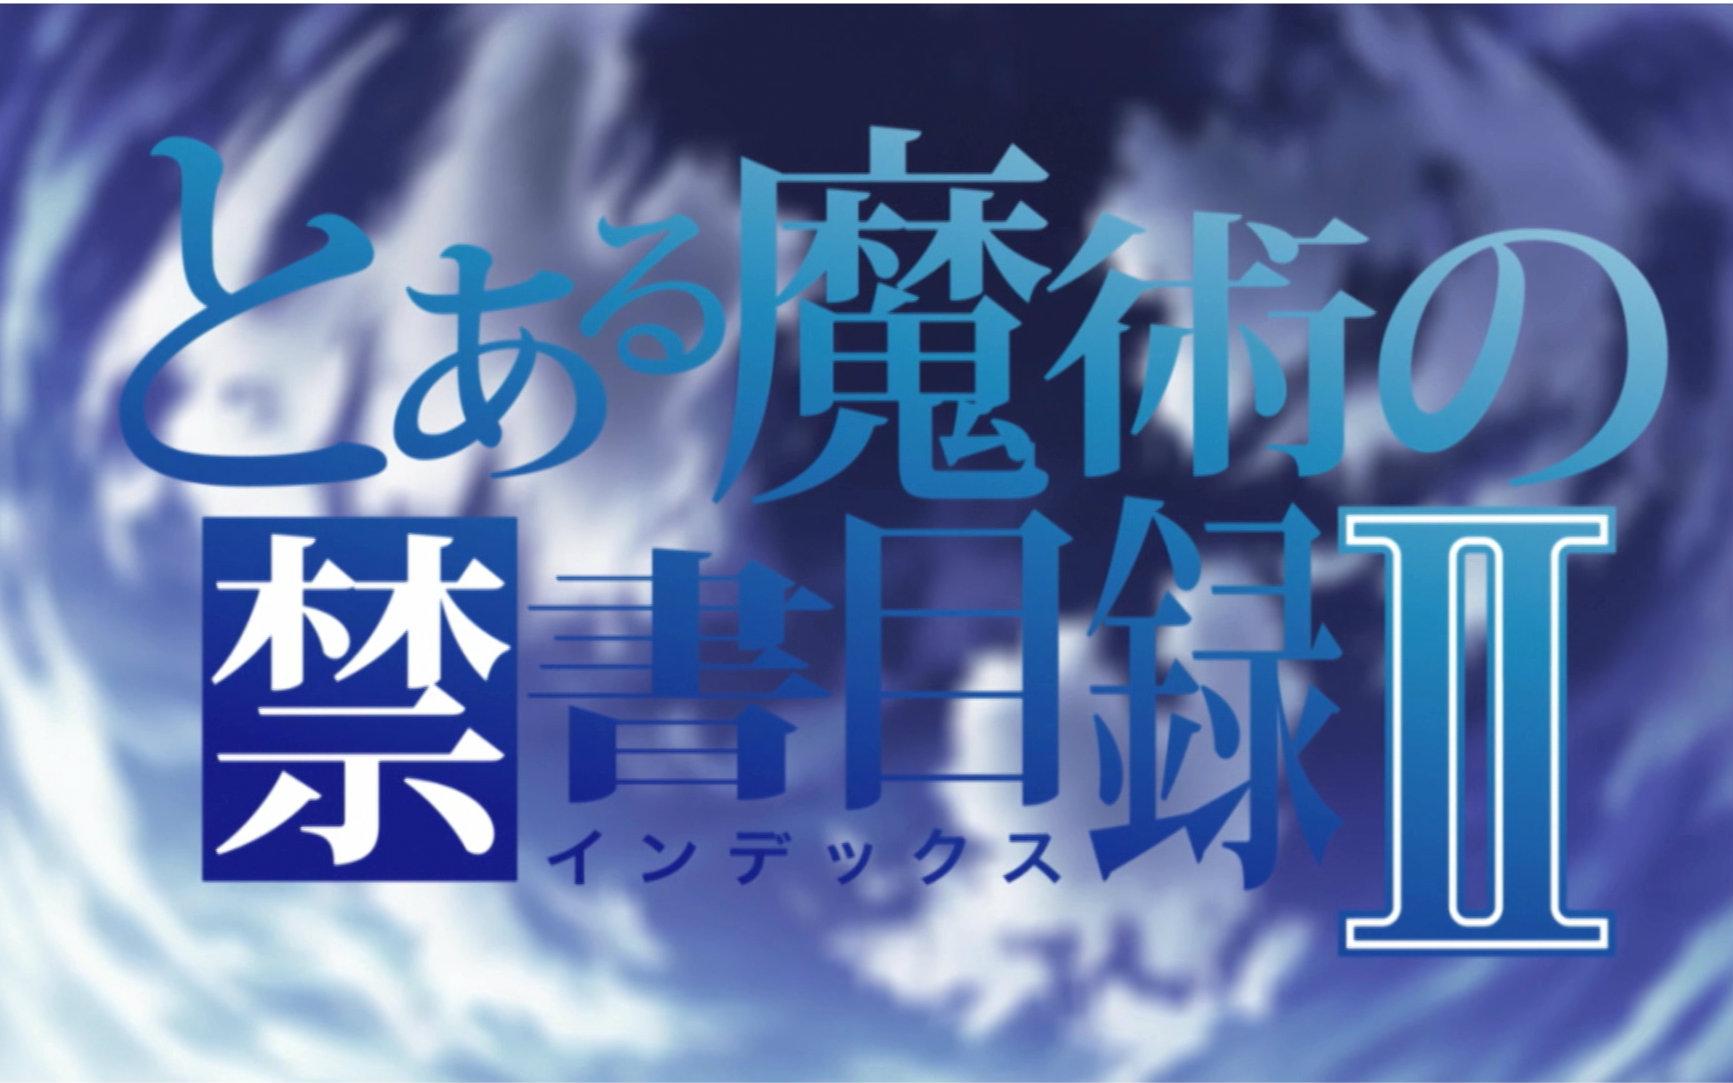 【合集】魔法禁书目录Ⅱ 第二季